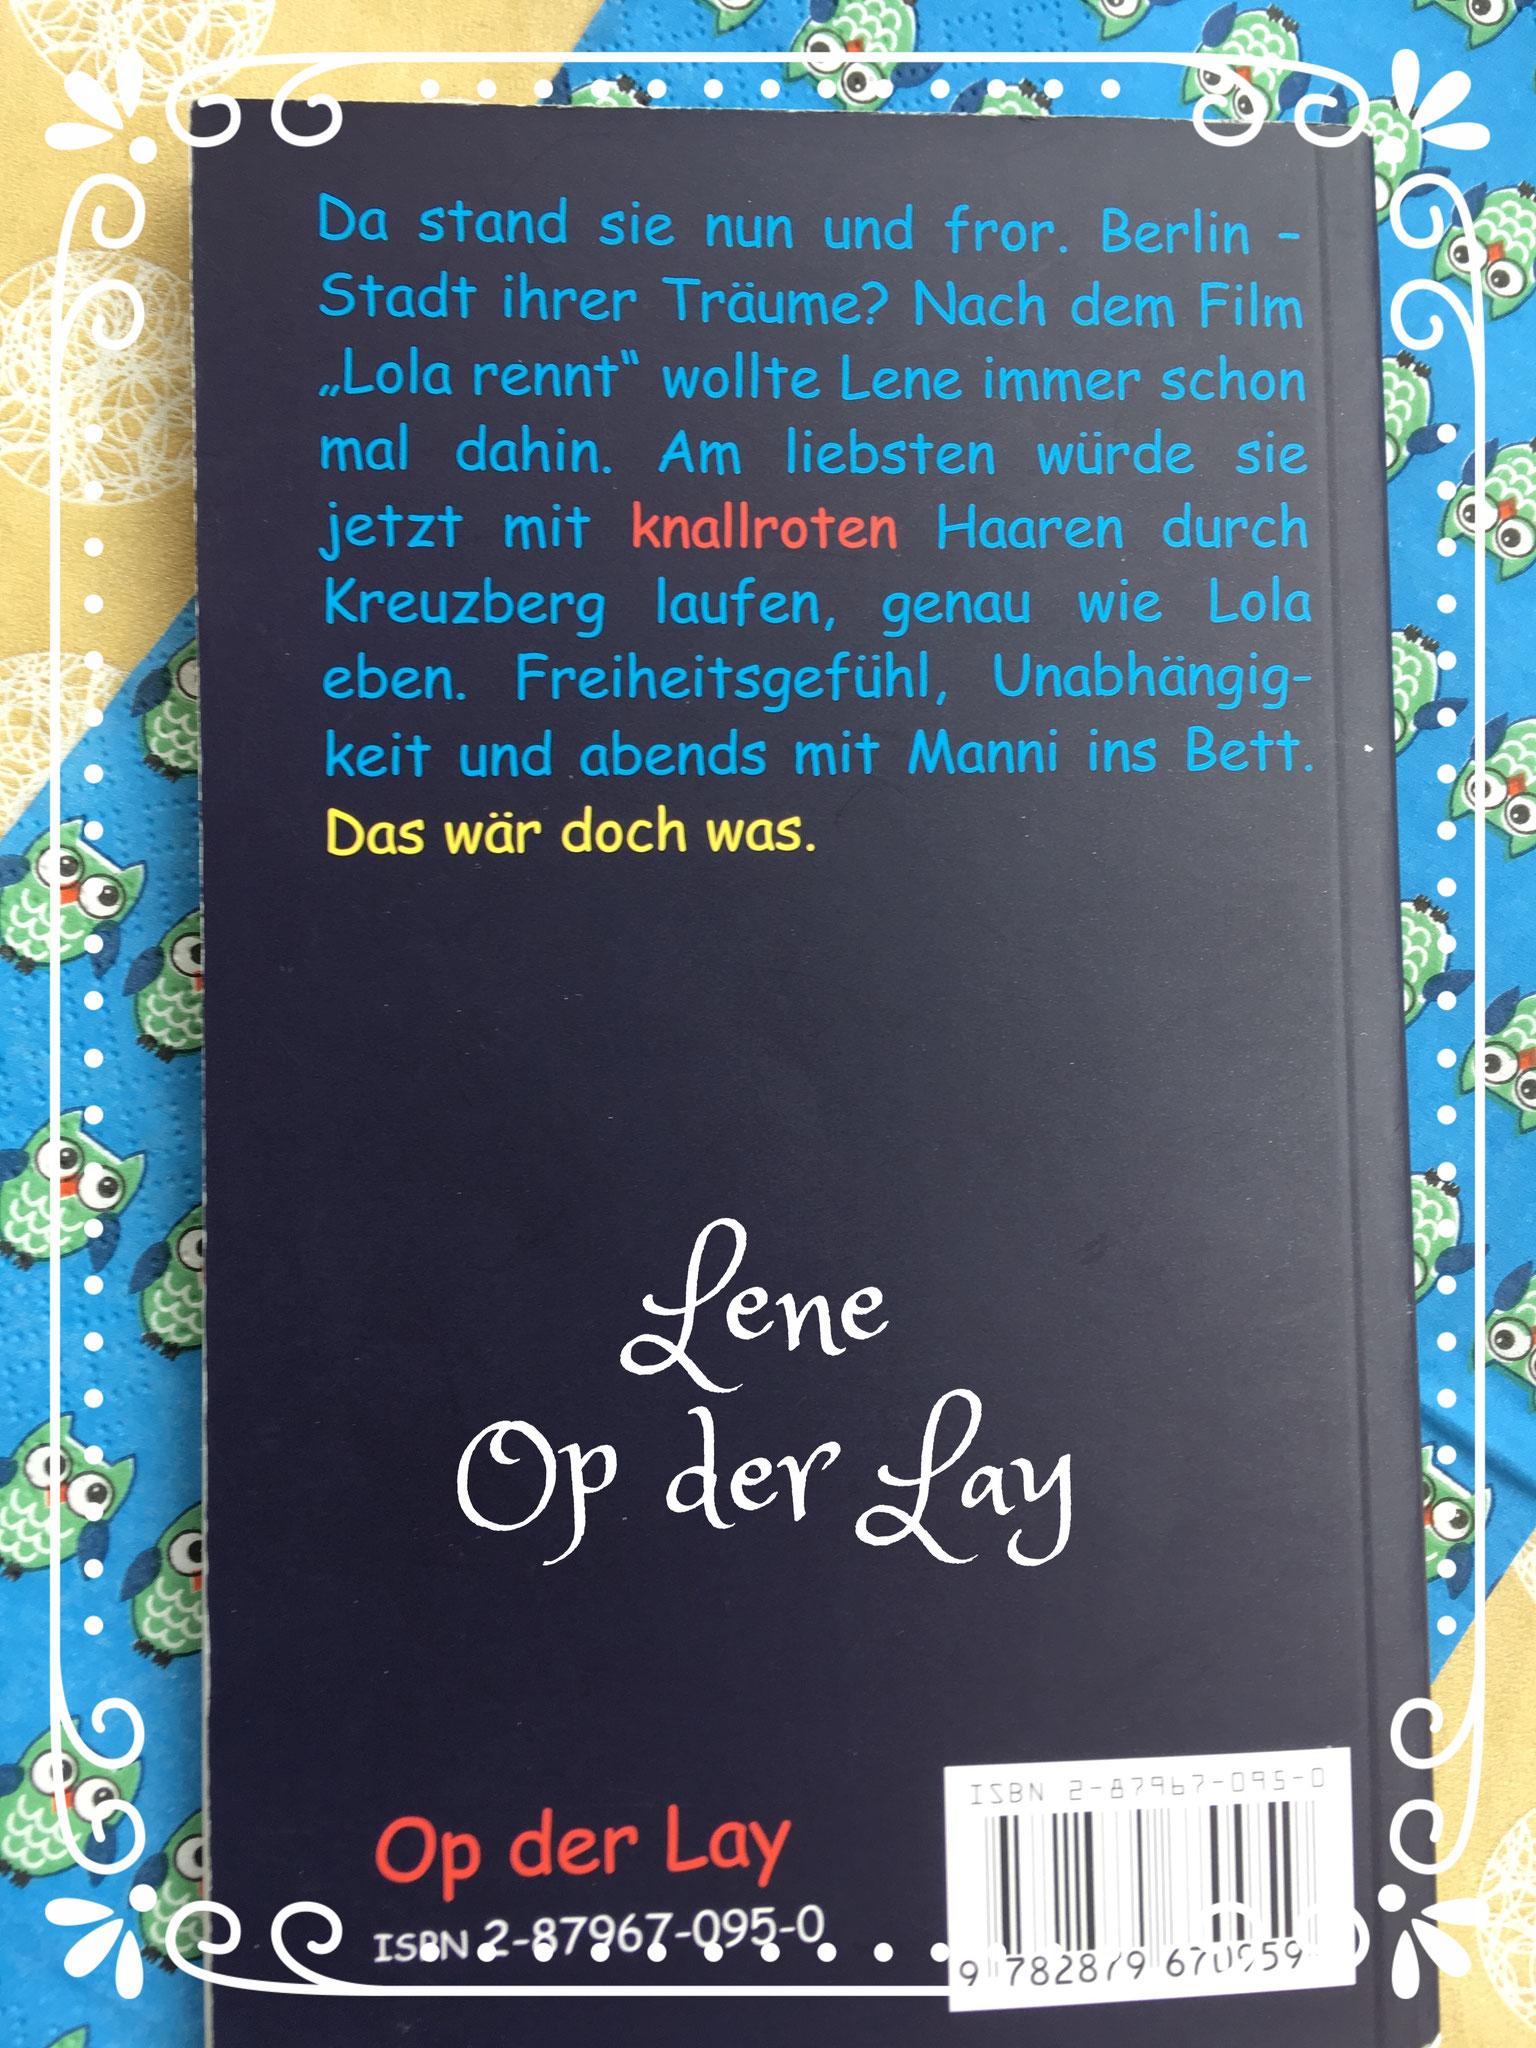 Lene - Roman über Homosexualität und Liebe